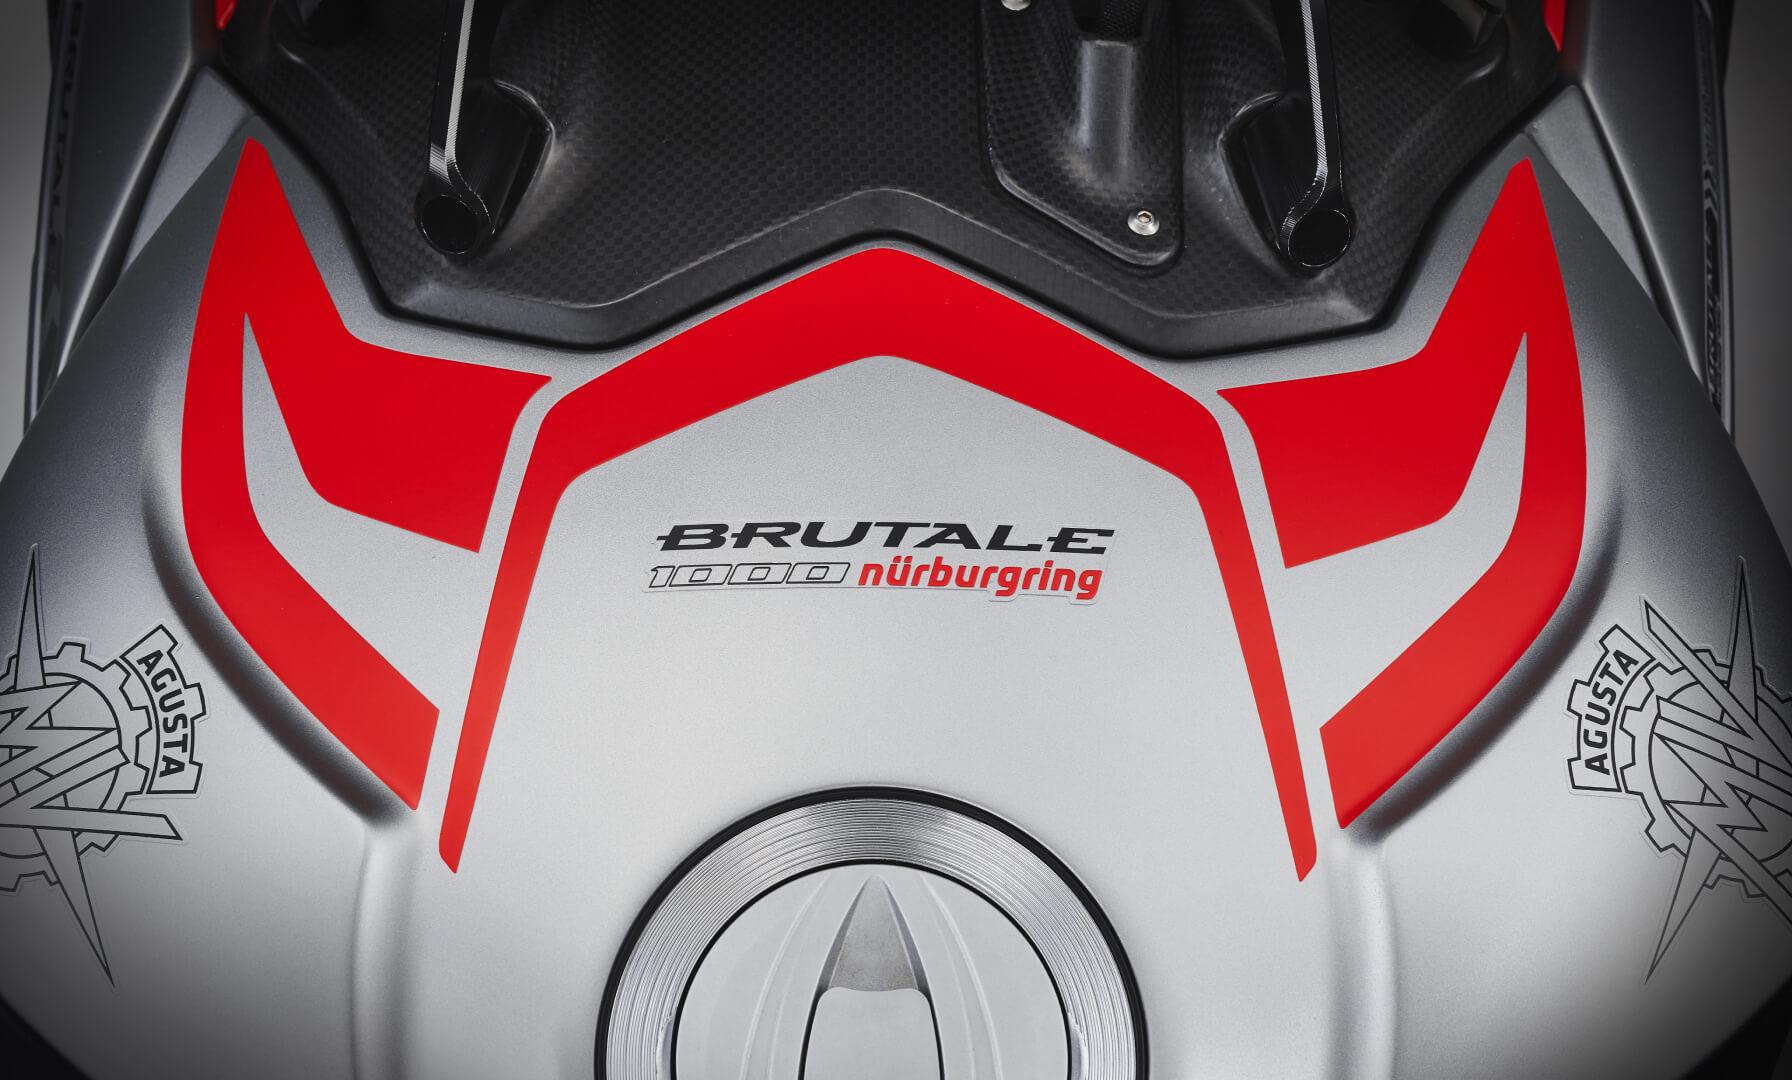 Brutale 1000 Nürburgring Limited Edition